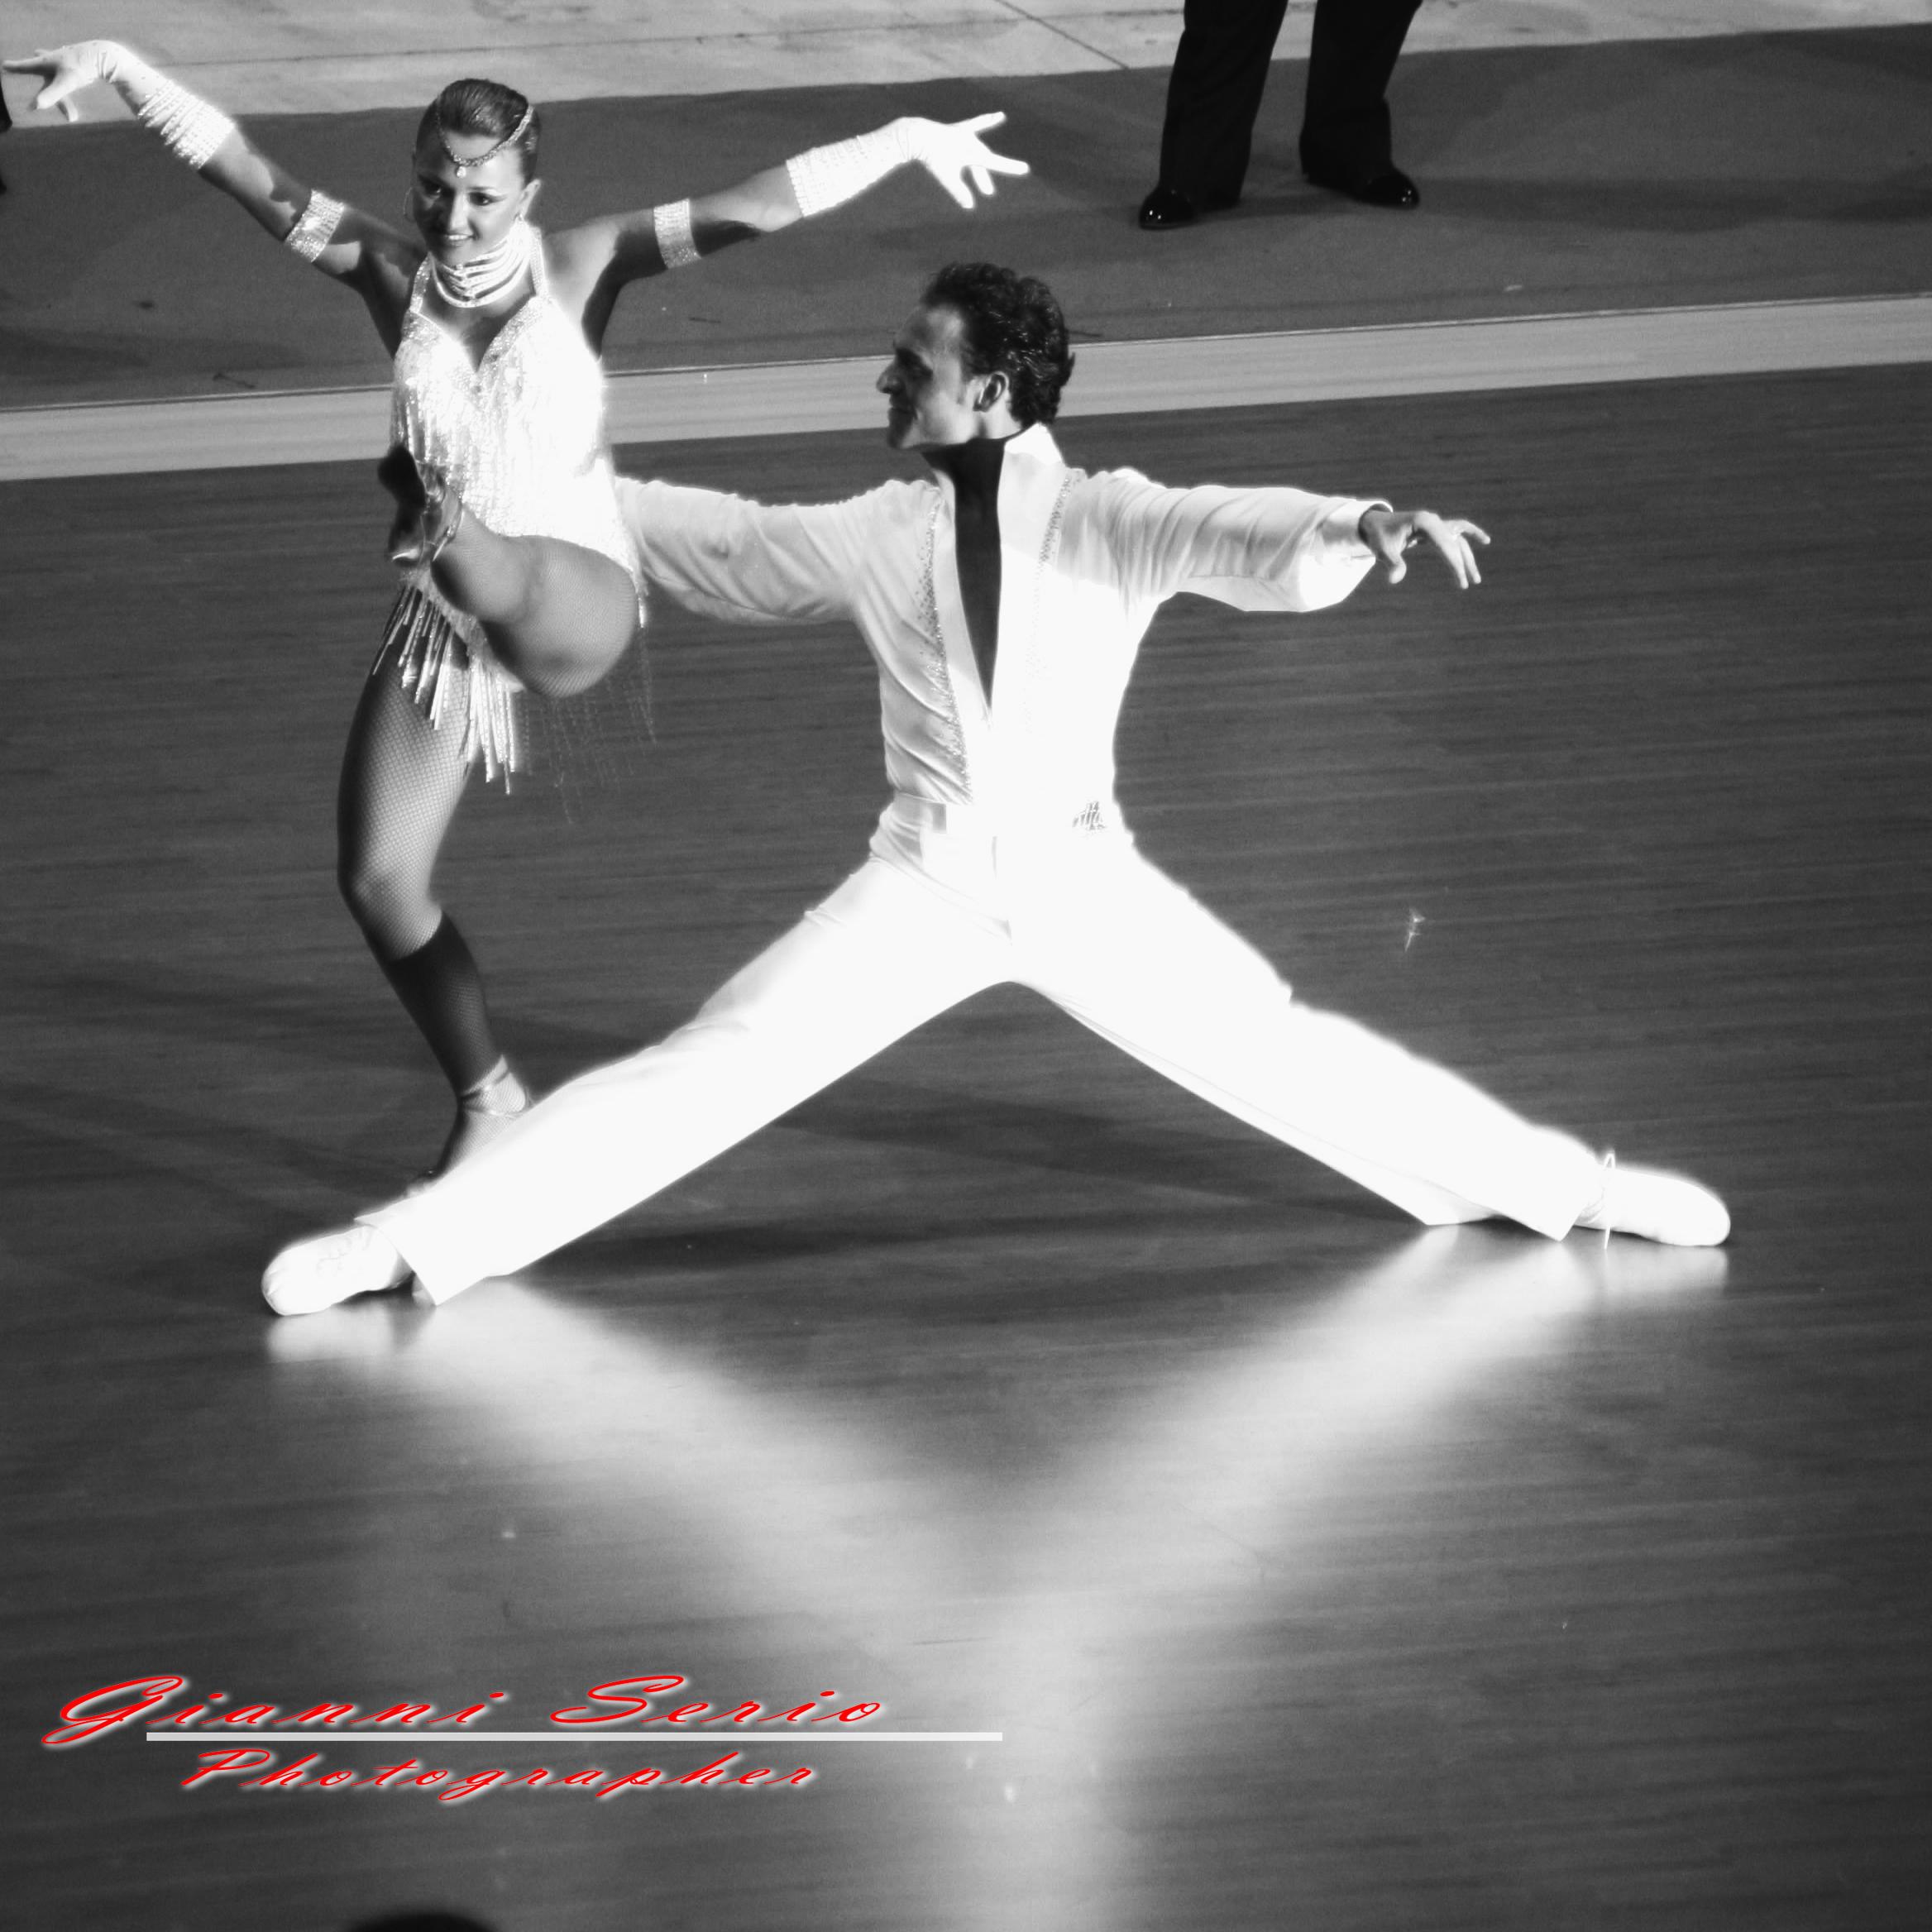 fotografo per saggi di danza e gare sportive di ballo